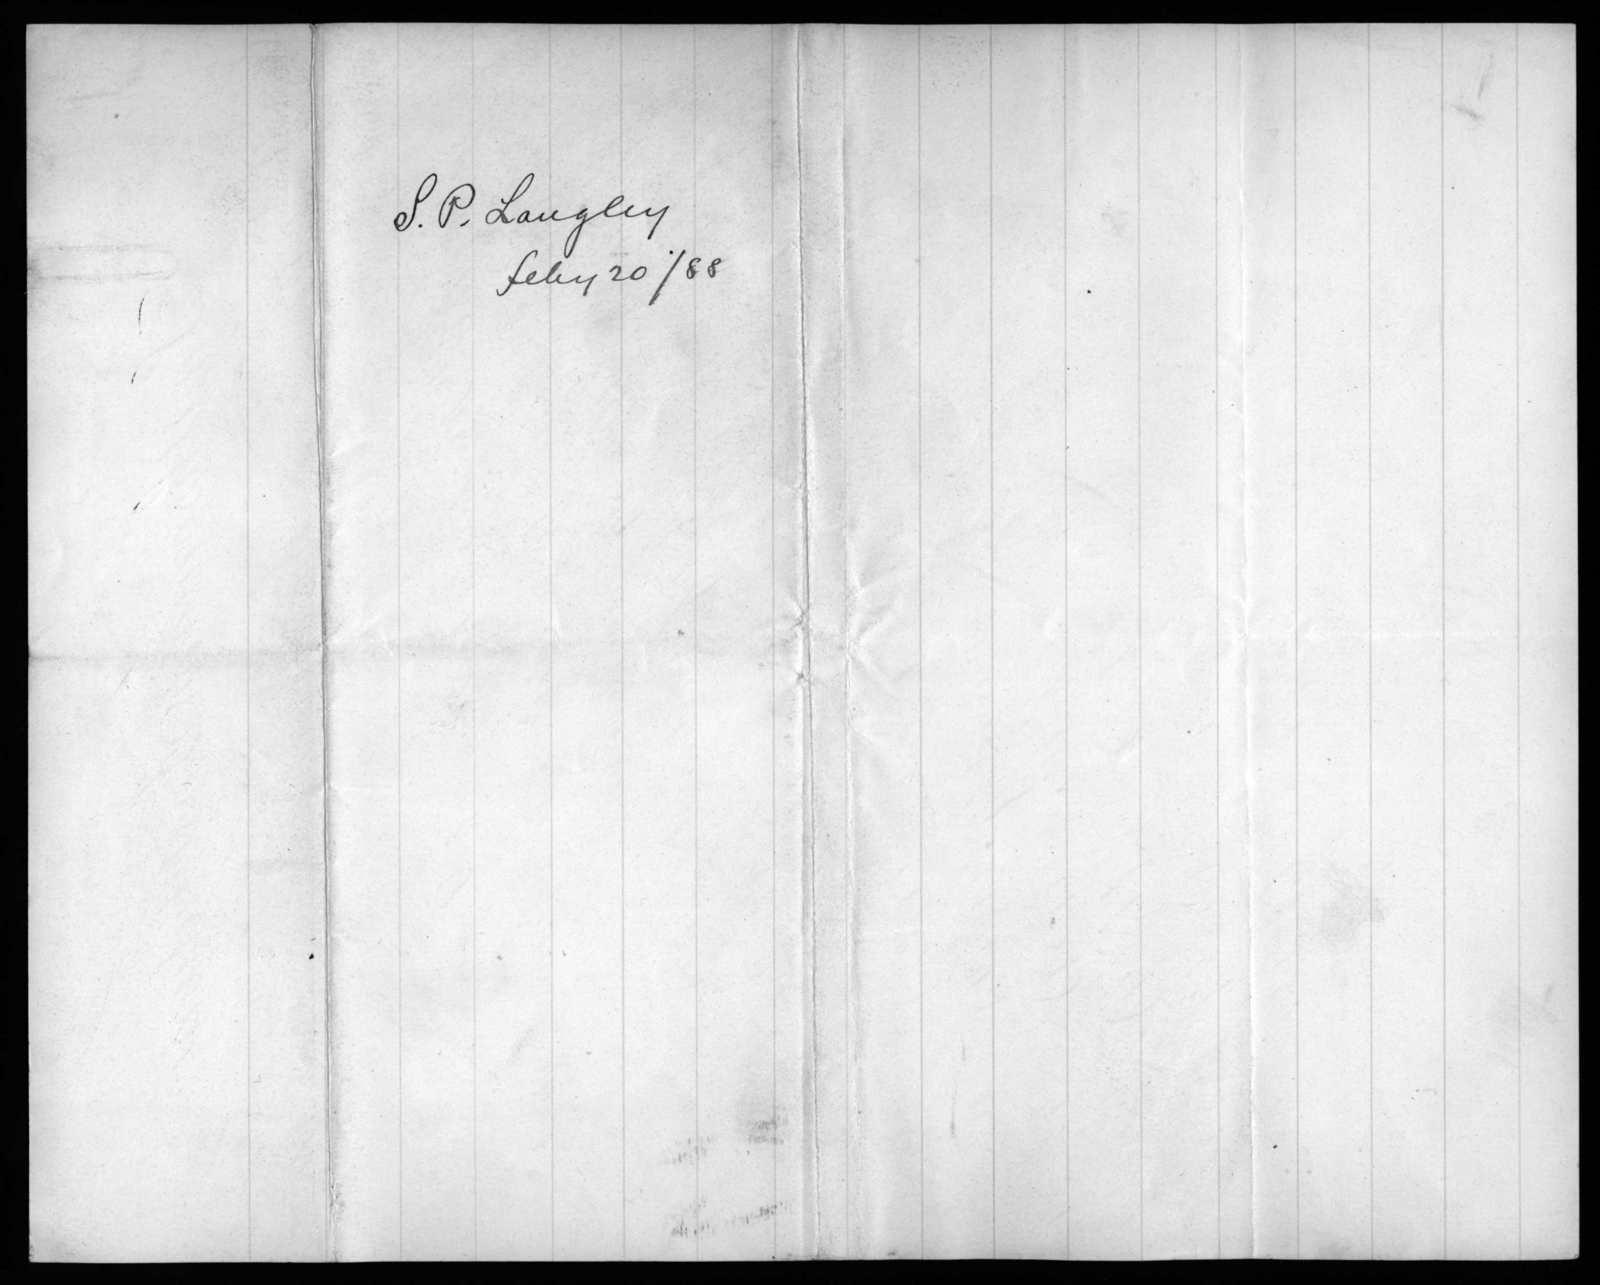 Letter from Samuel P. Langley to Alexander Graham Bell, February 20, 1888